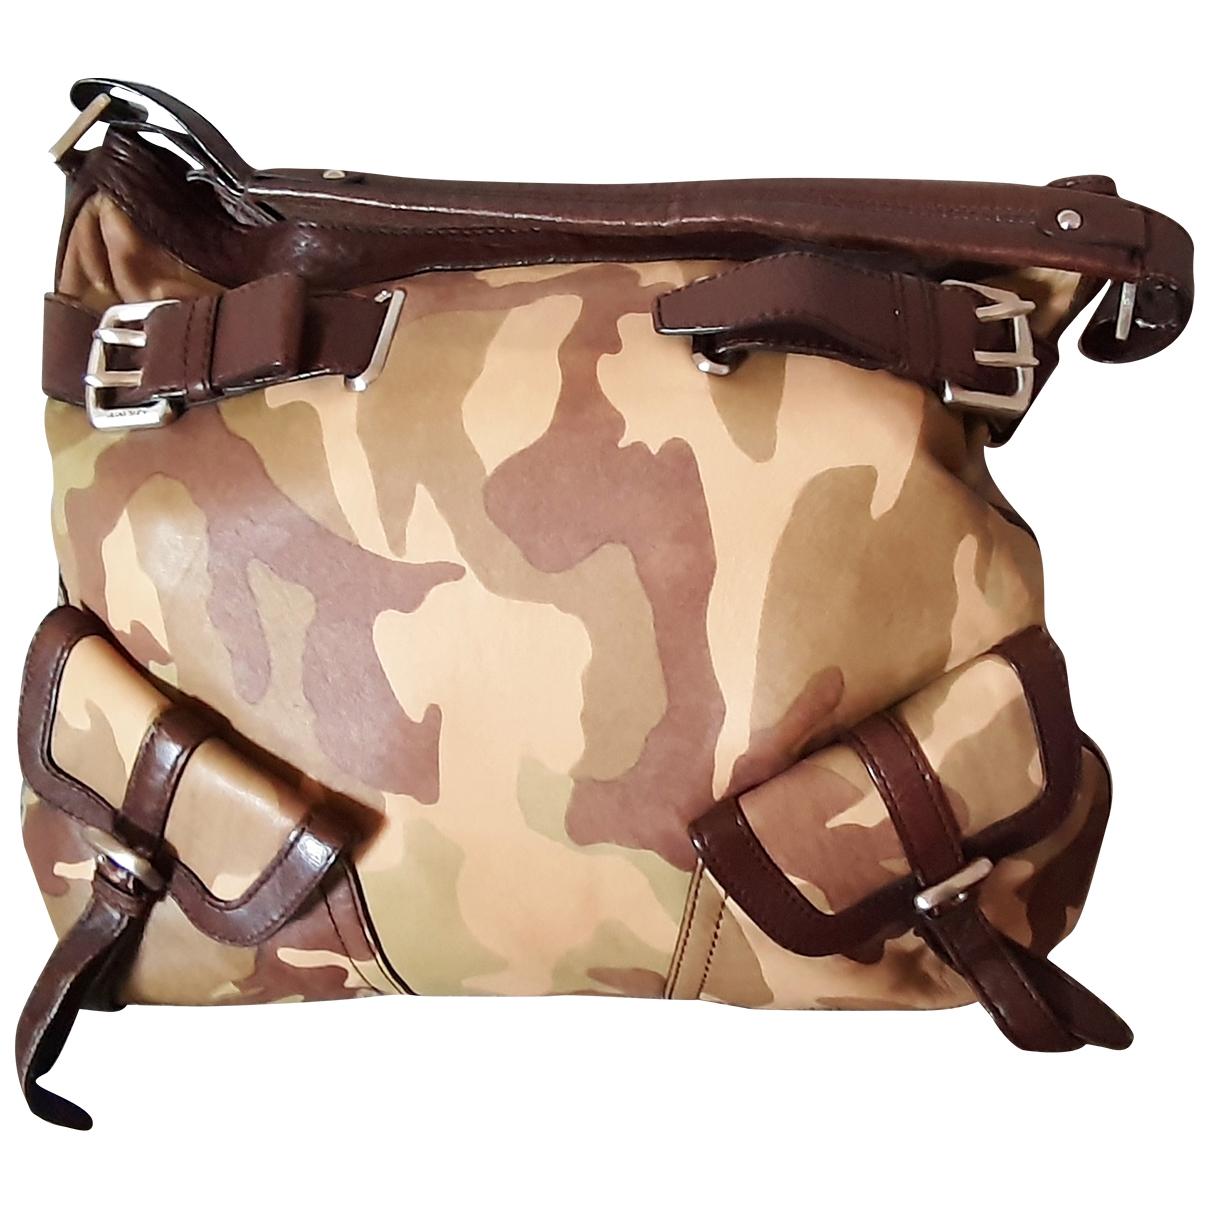 Dkny \N Handtasche in Leder